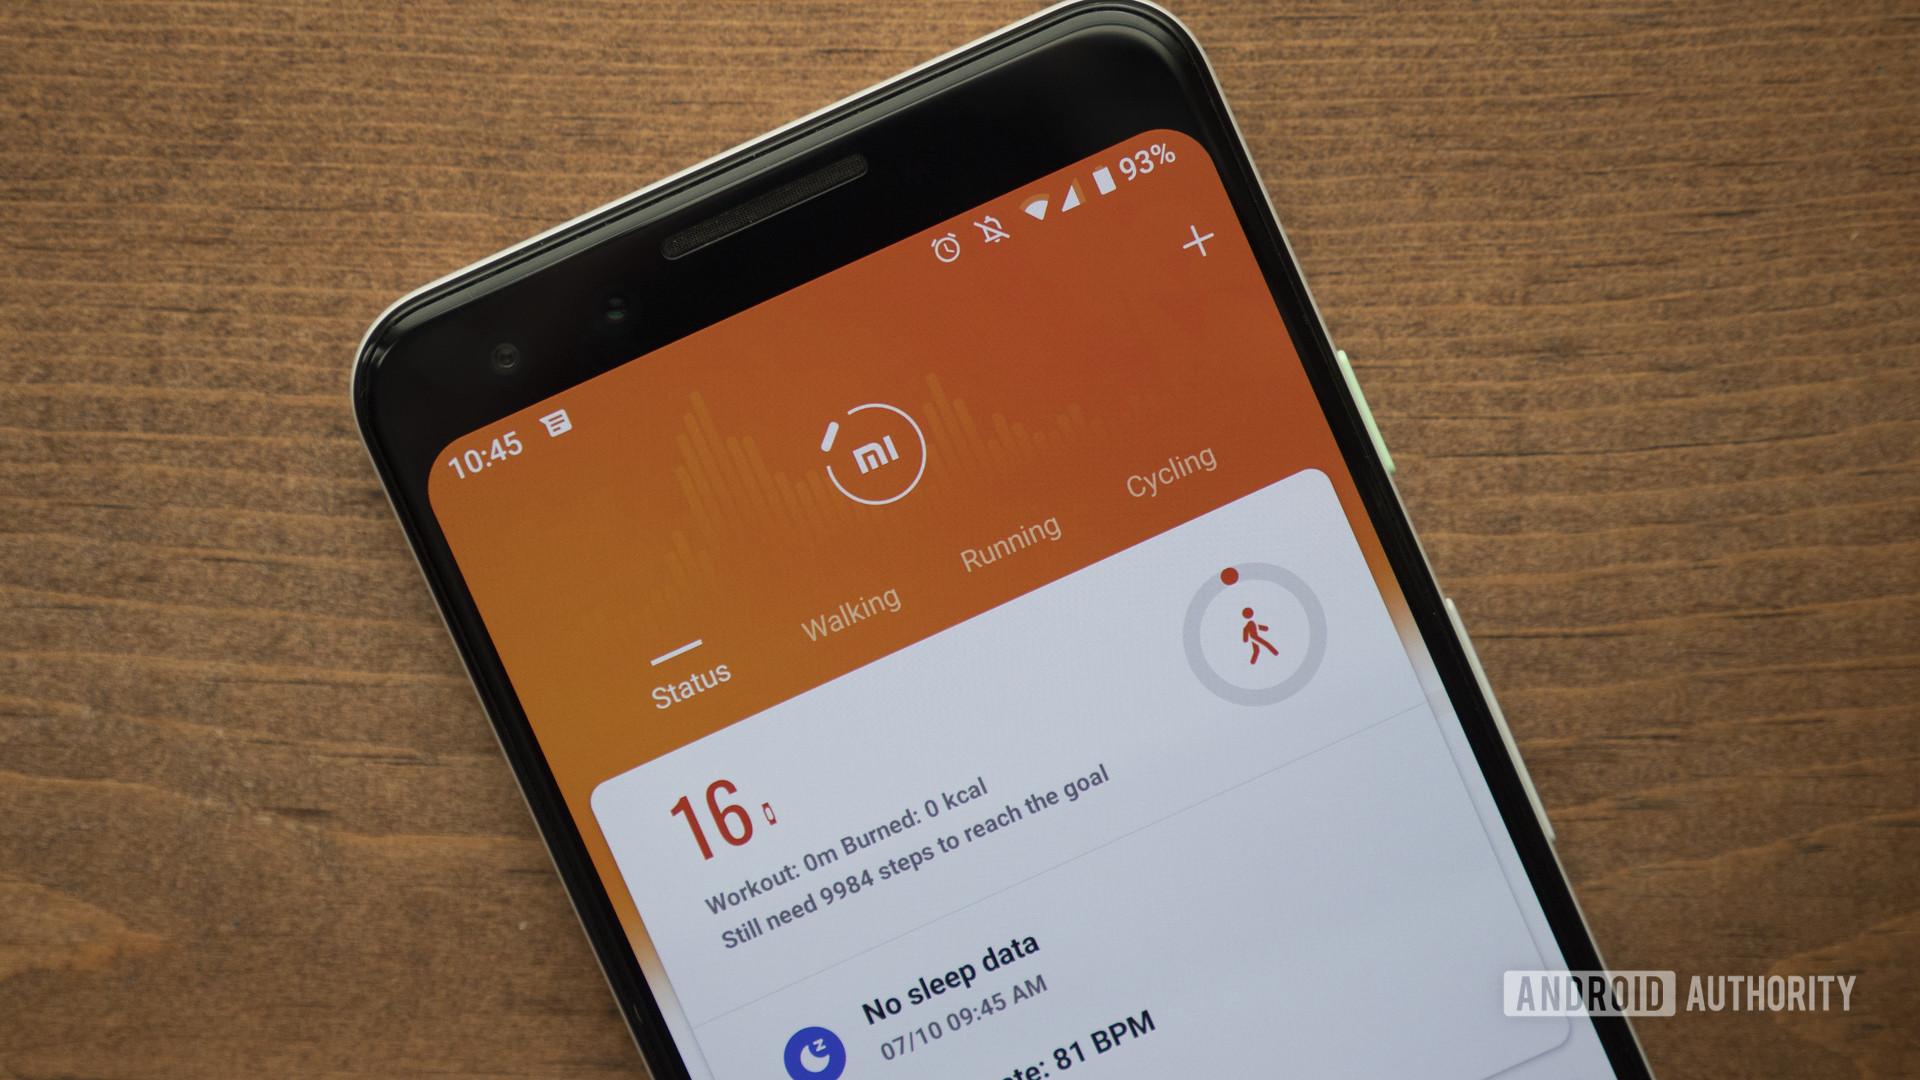 xiaomi mi band 4 review xiaomi mi fit app google pixel 3